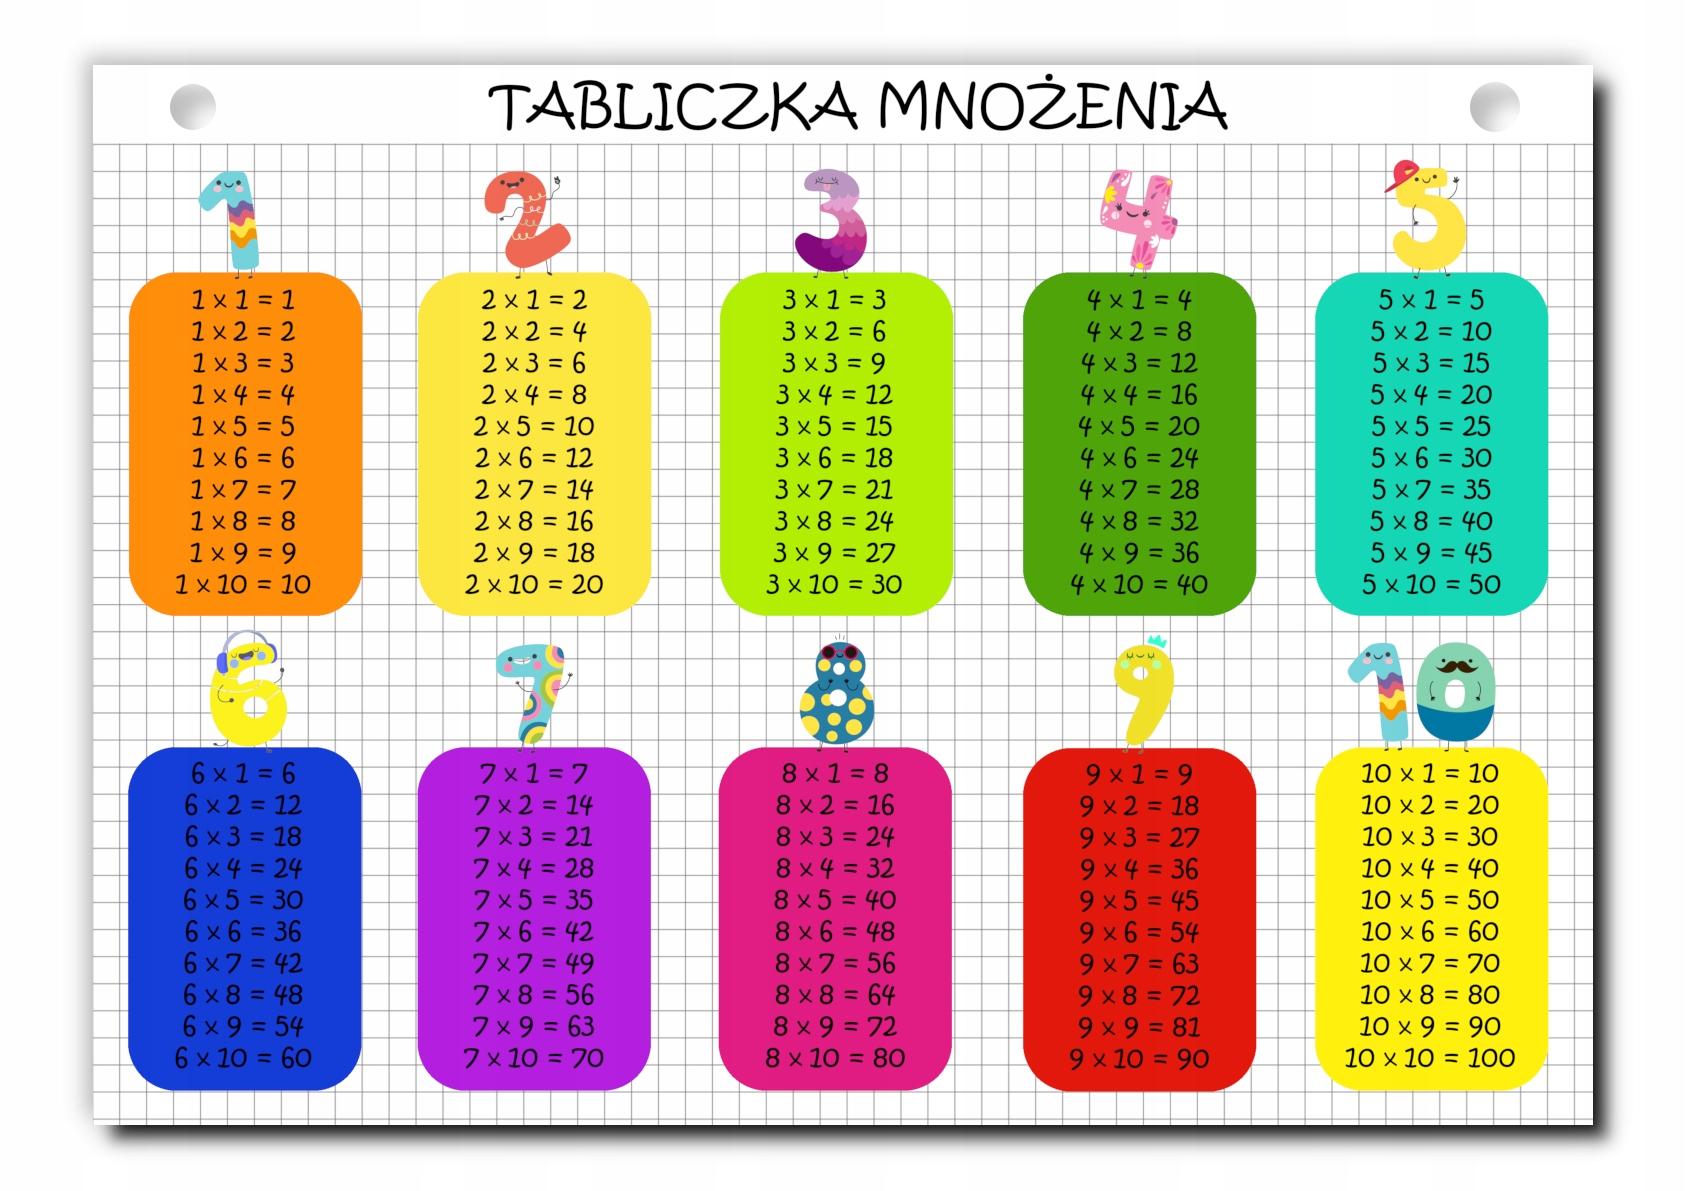 Kolorowa tabliczka mnożenia obrazek do nauki A4